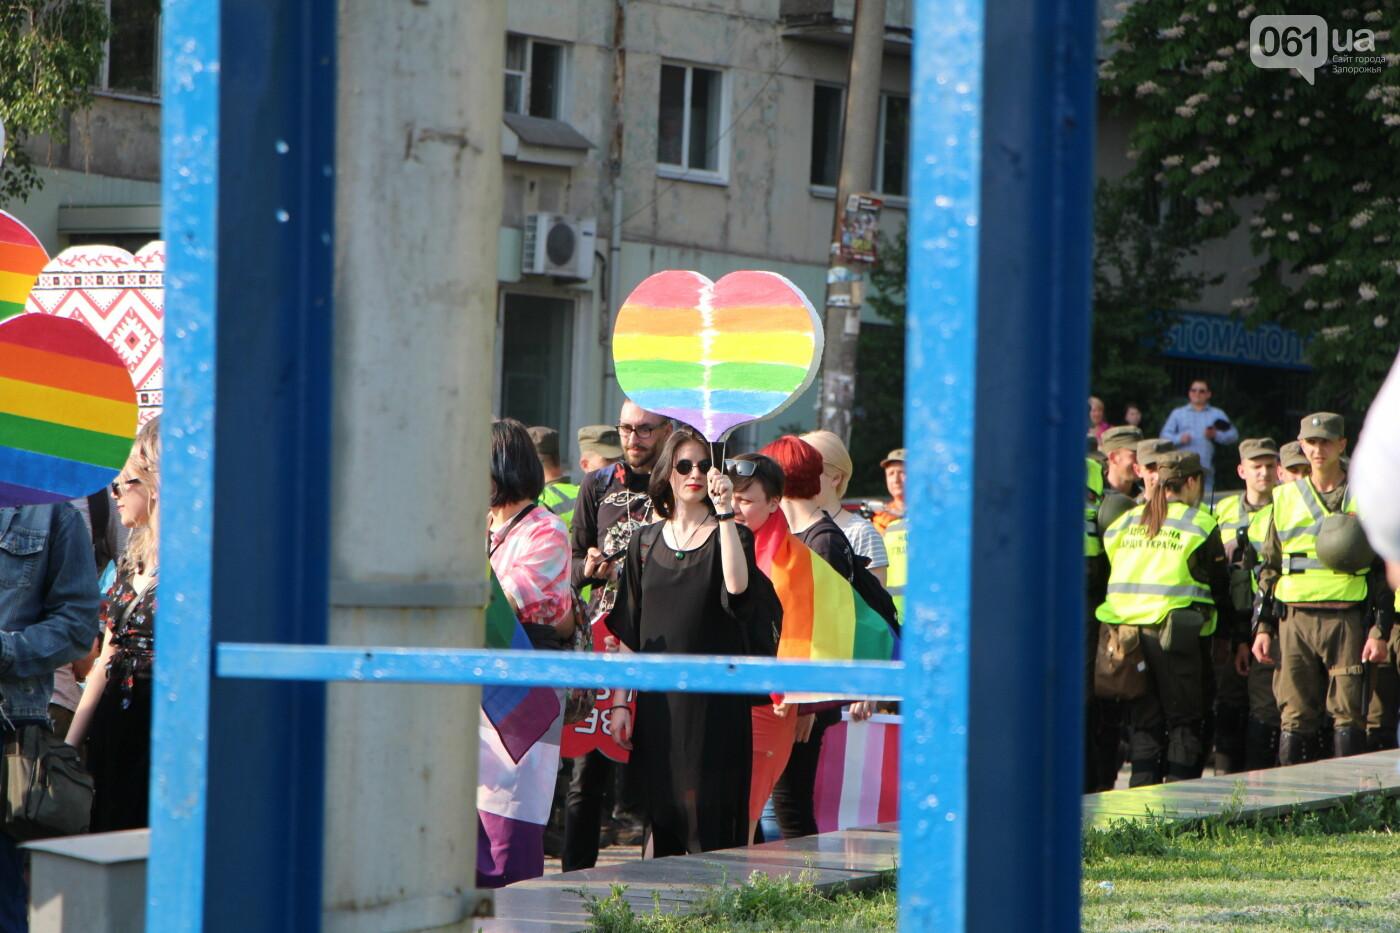 """""""Радужный флешмоб"""" переехал из-за угрозы насилия: как прошла ЛГБТ-акция в Запорожье, - ФОТОРЕПОРТАЖ, фото-12"""